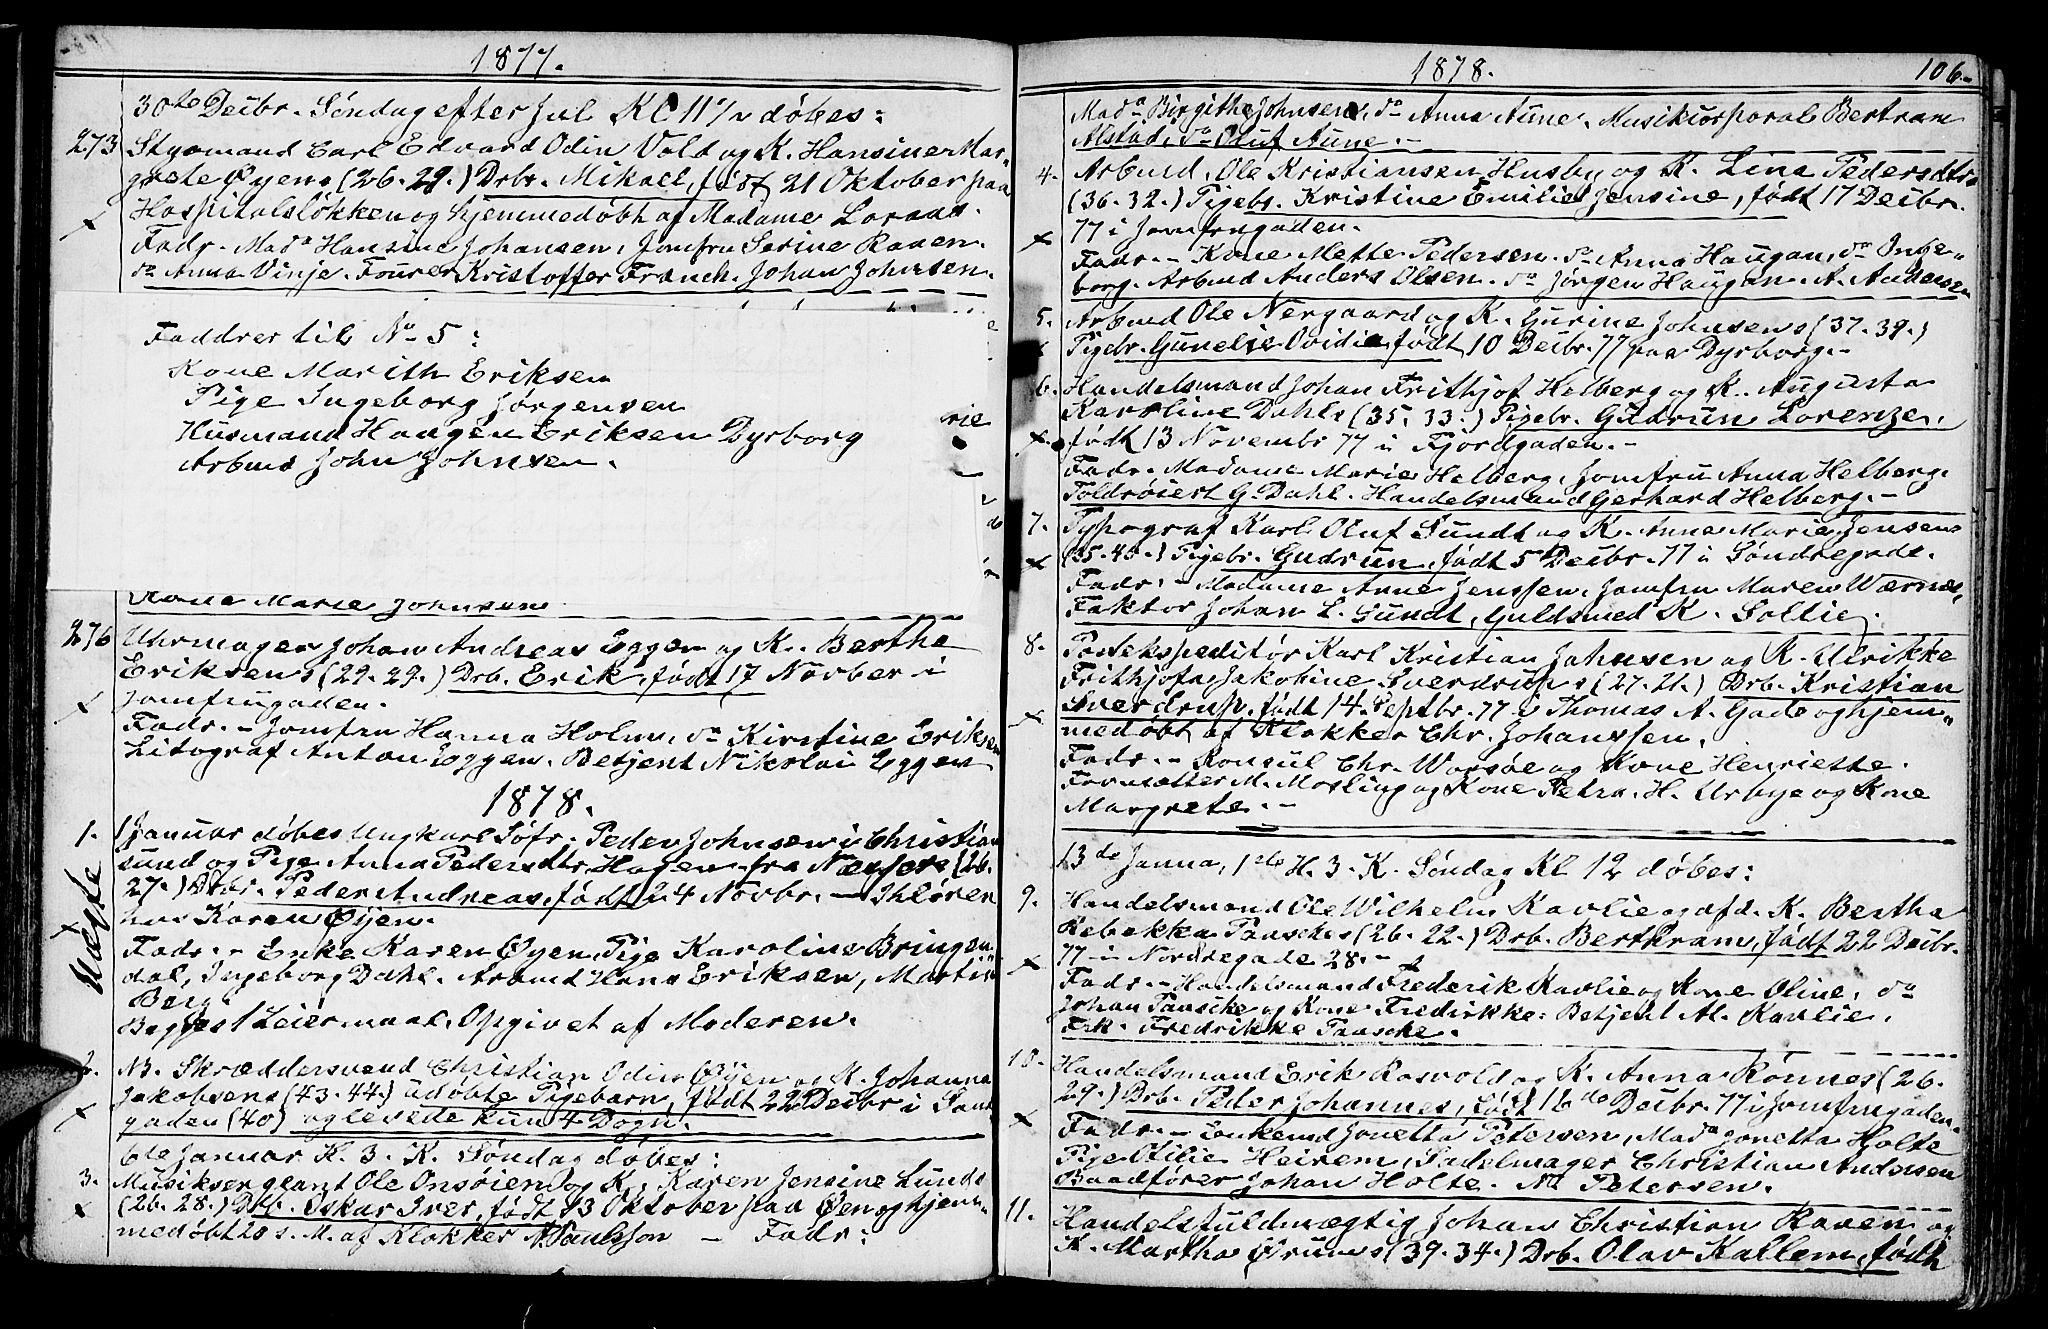 SAT, Ministerialprotokoller, klokkerbøker og fødselsregistre - Sør-Trøndelag, 602/L0142: Klokkerbok nr. 602C10, 1872-1894, s. 106